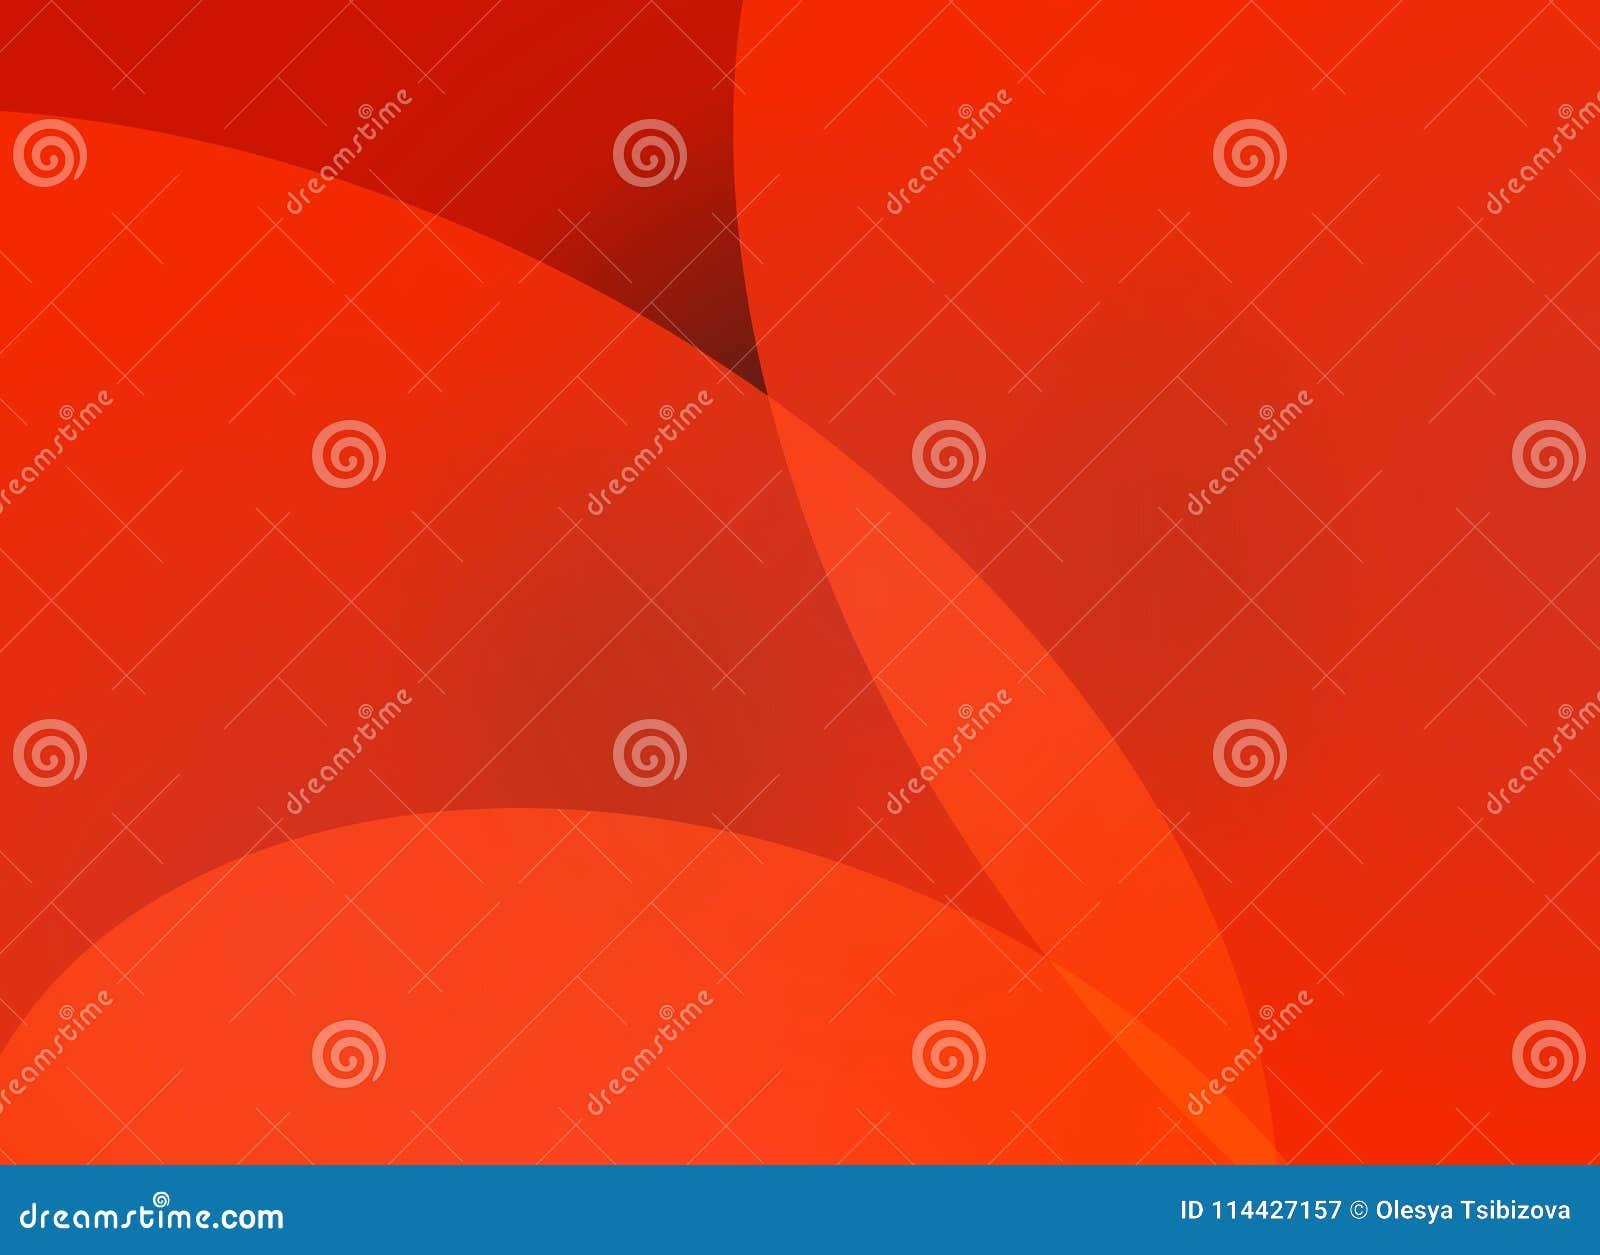 Fondo Abstracto En Tonos Rojos Ilustración del Vector - Ilustración ... cdd65f52a587